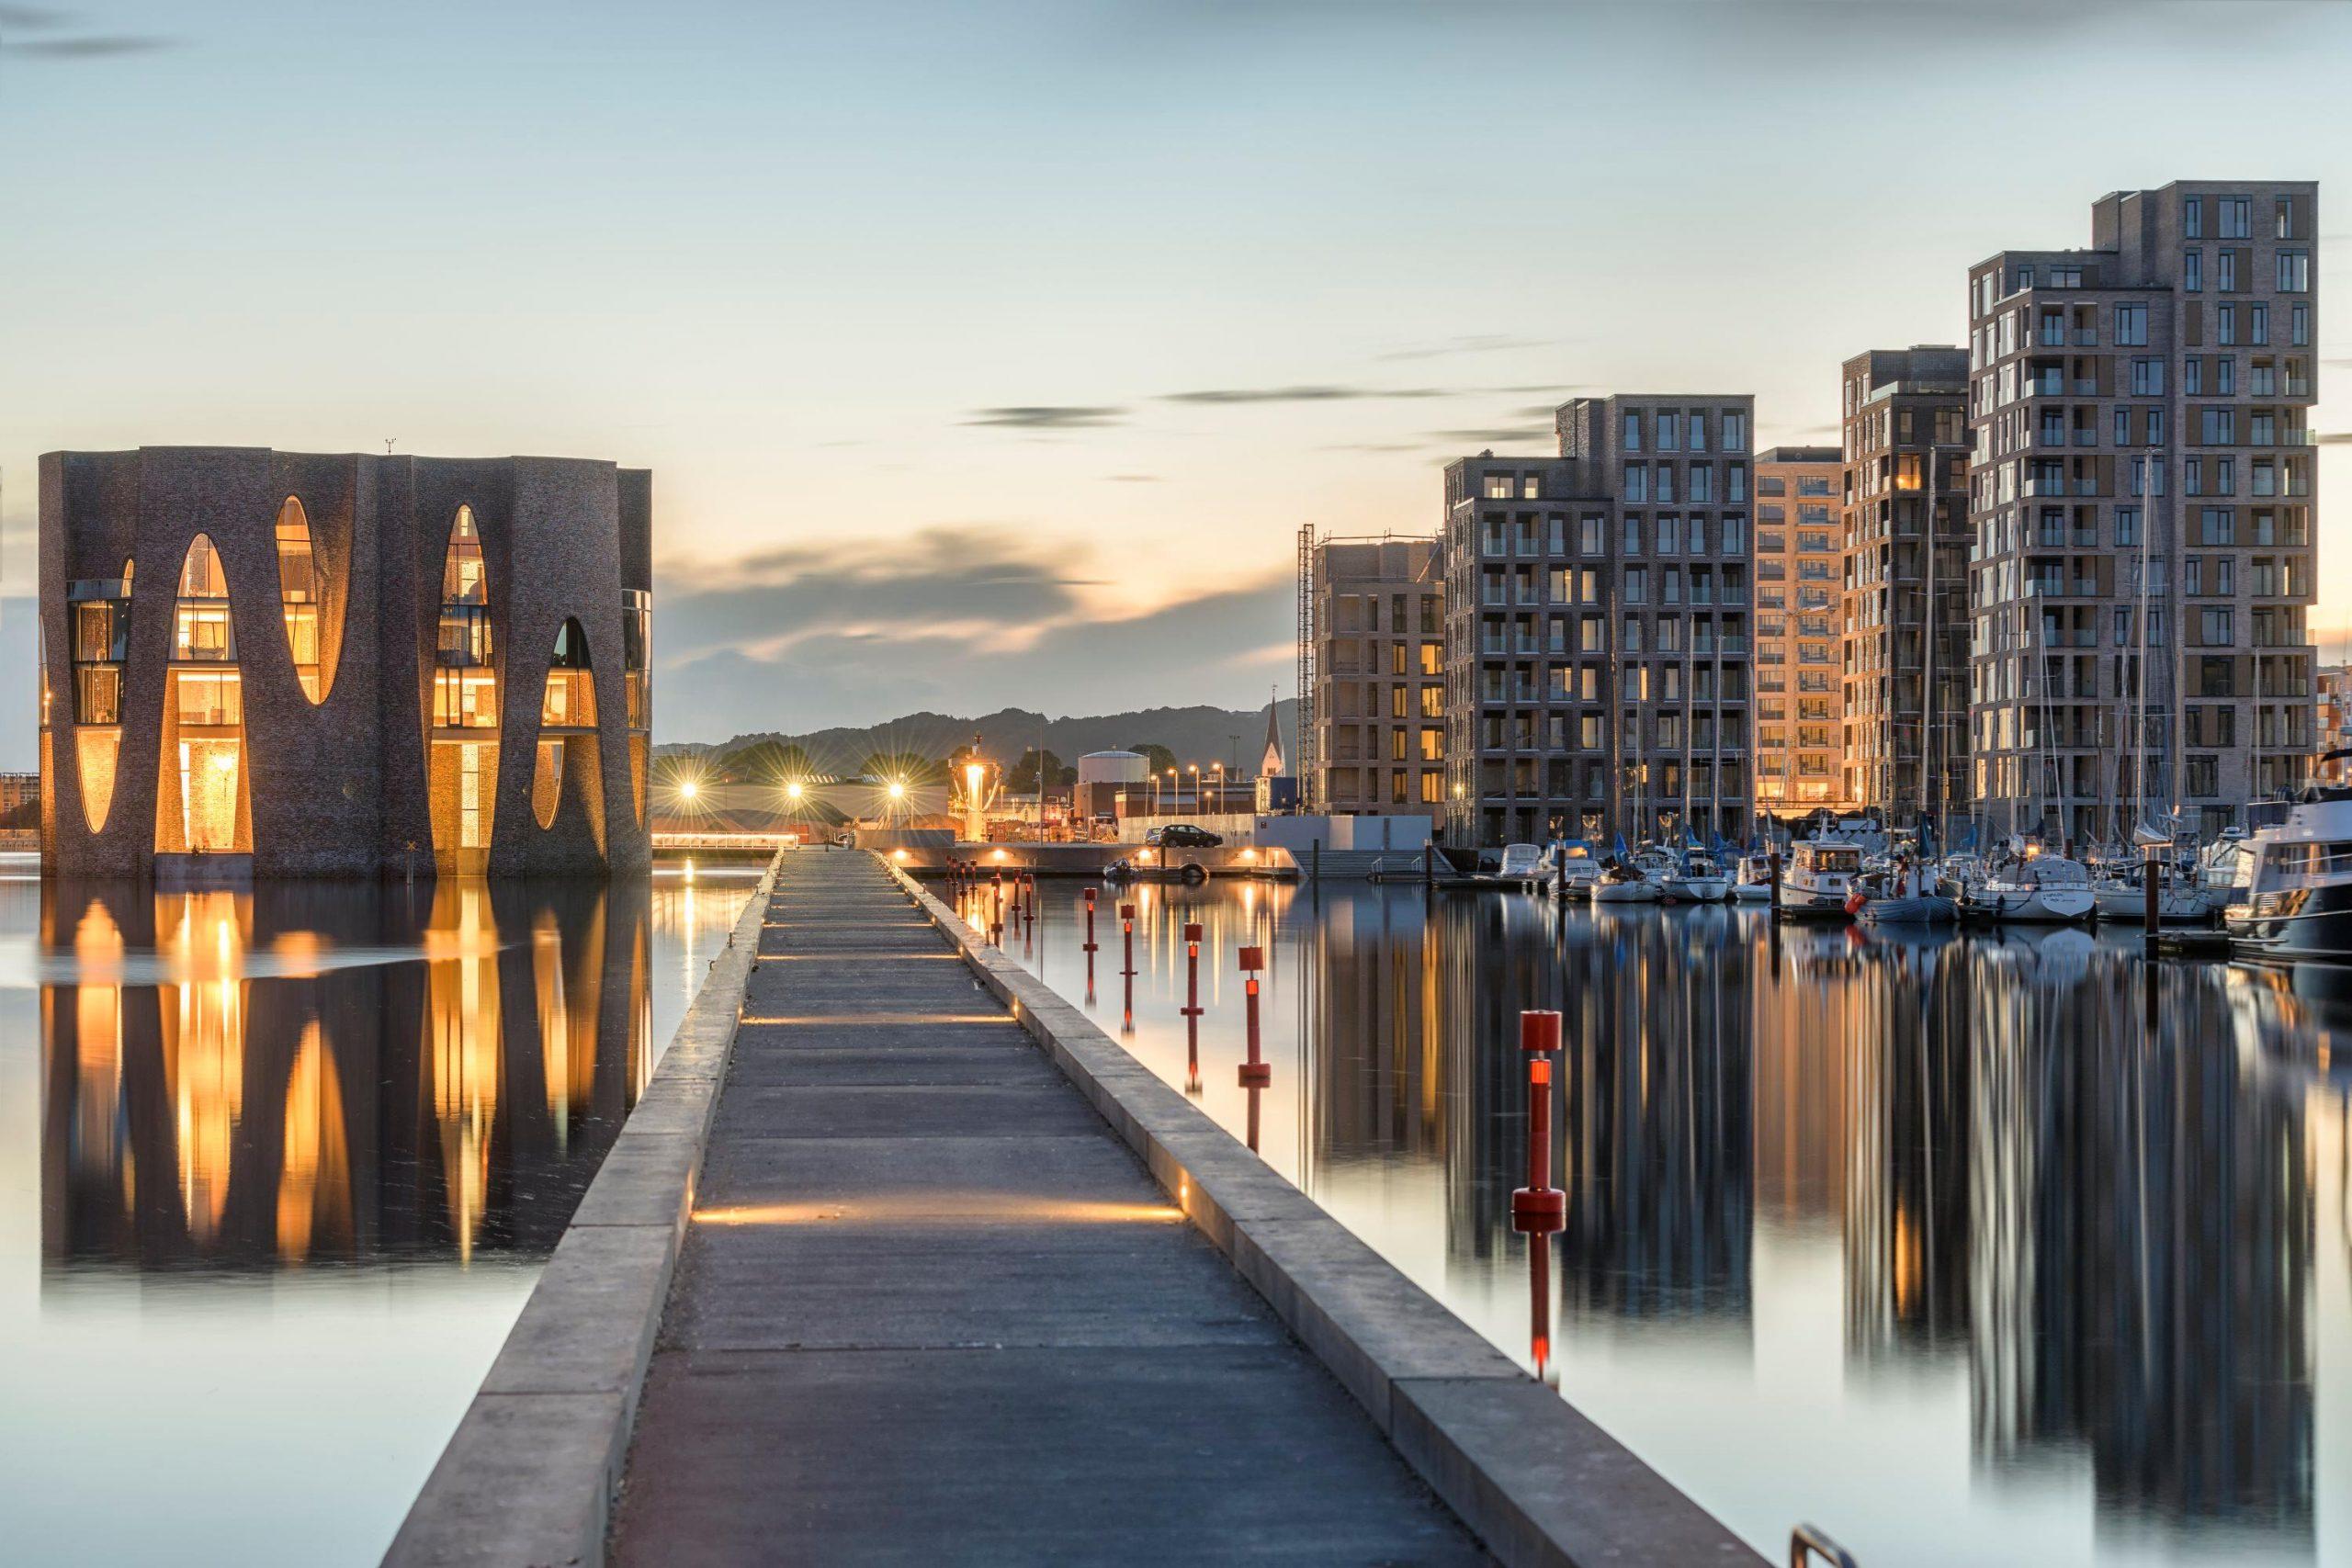 Til sommeren 2022 skulle det nye Zleep Hotel i det nye by- og boligområde Havneøen i Vejle gerne stå klart. Det får blandt andet long stay-suiter, den største bliver på 200 kvadratmeter. PR-foto via Kirk Kapital.